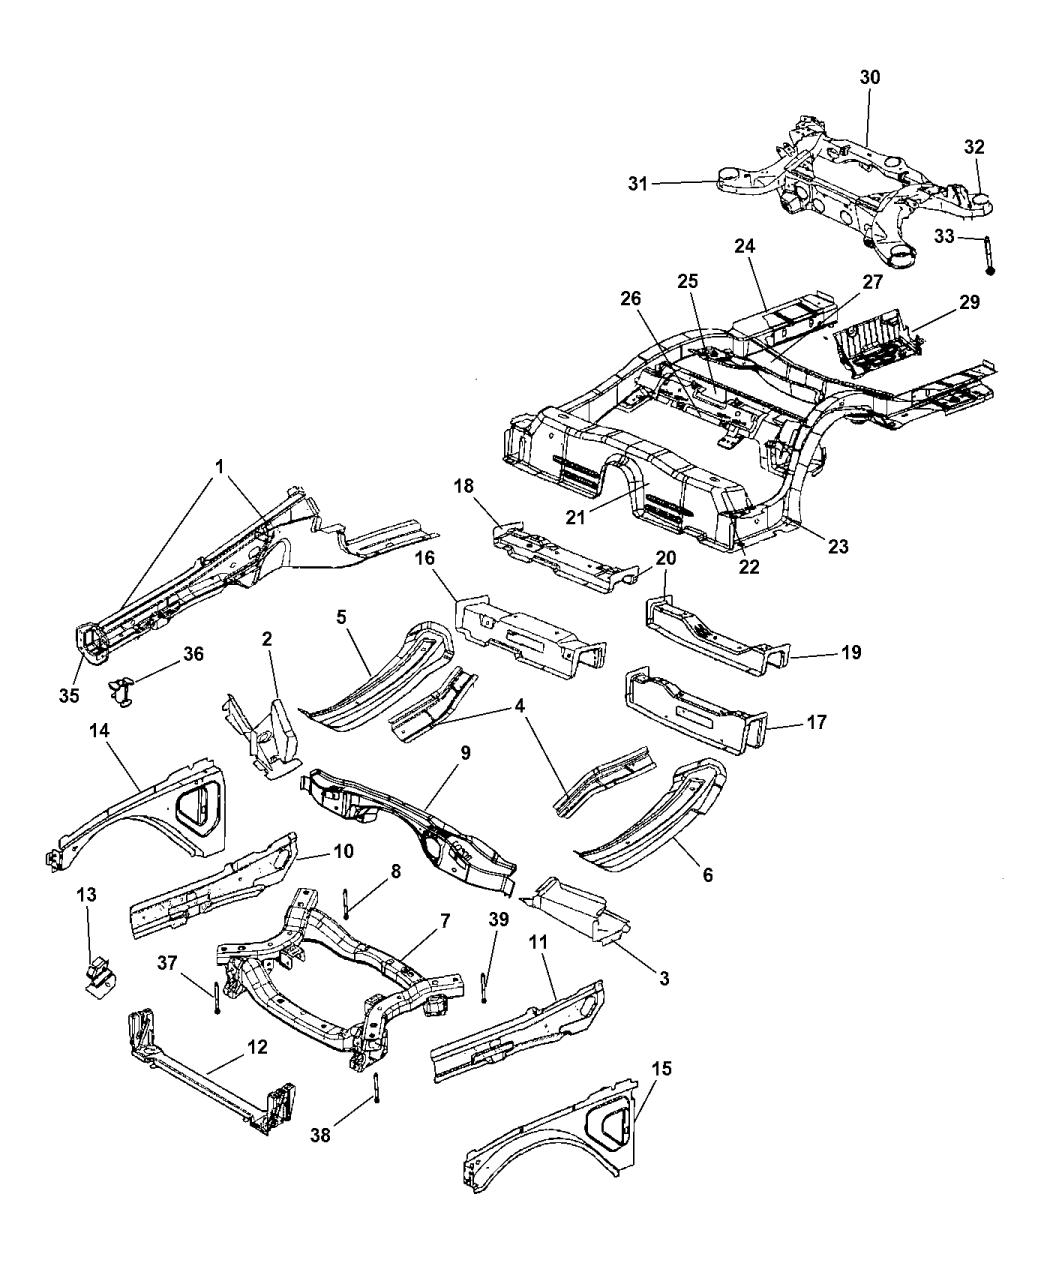 2017 dodge charger frame, complete mopar parts giant Dodge Charger Starter Diagram